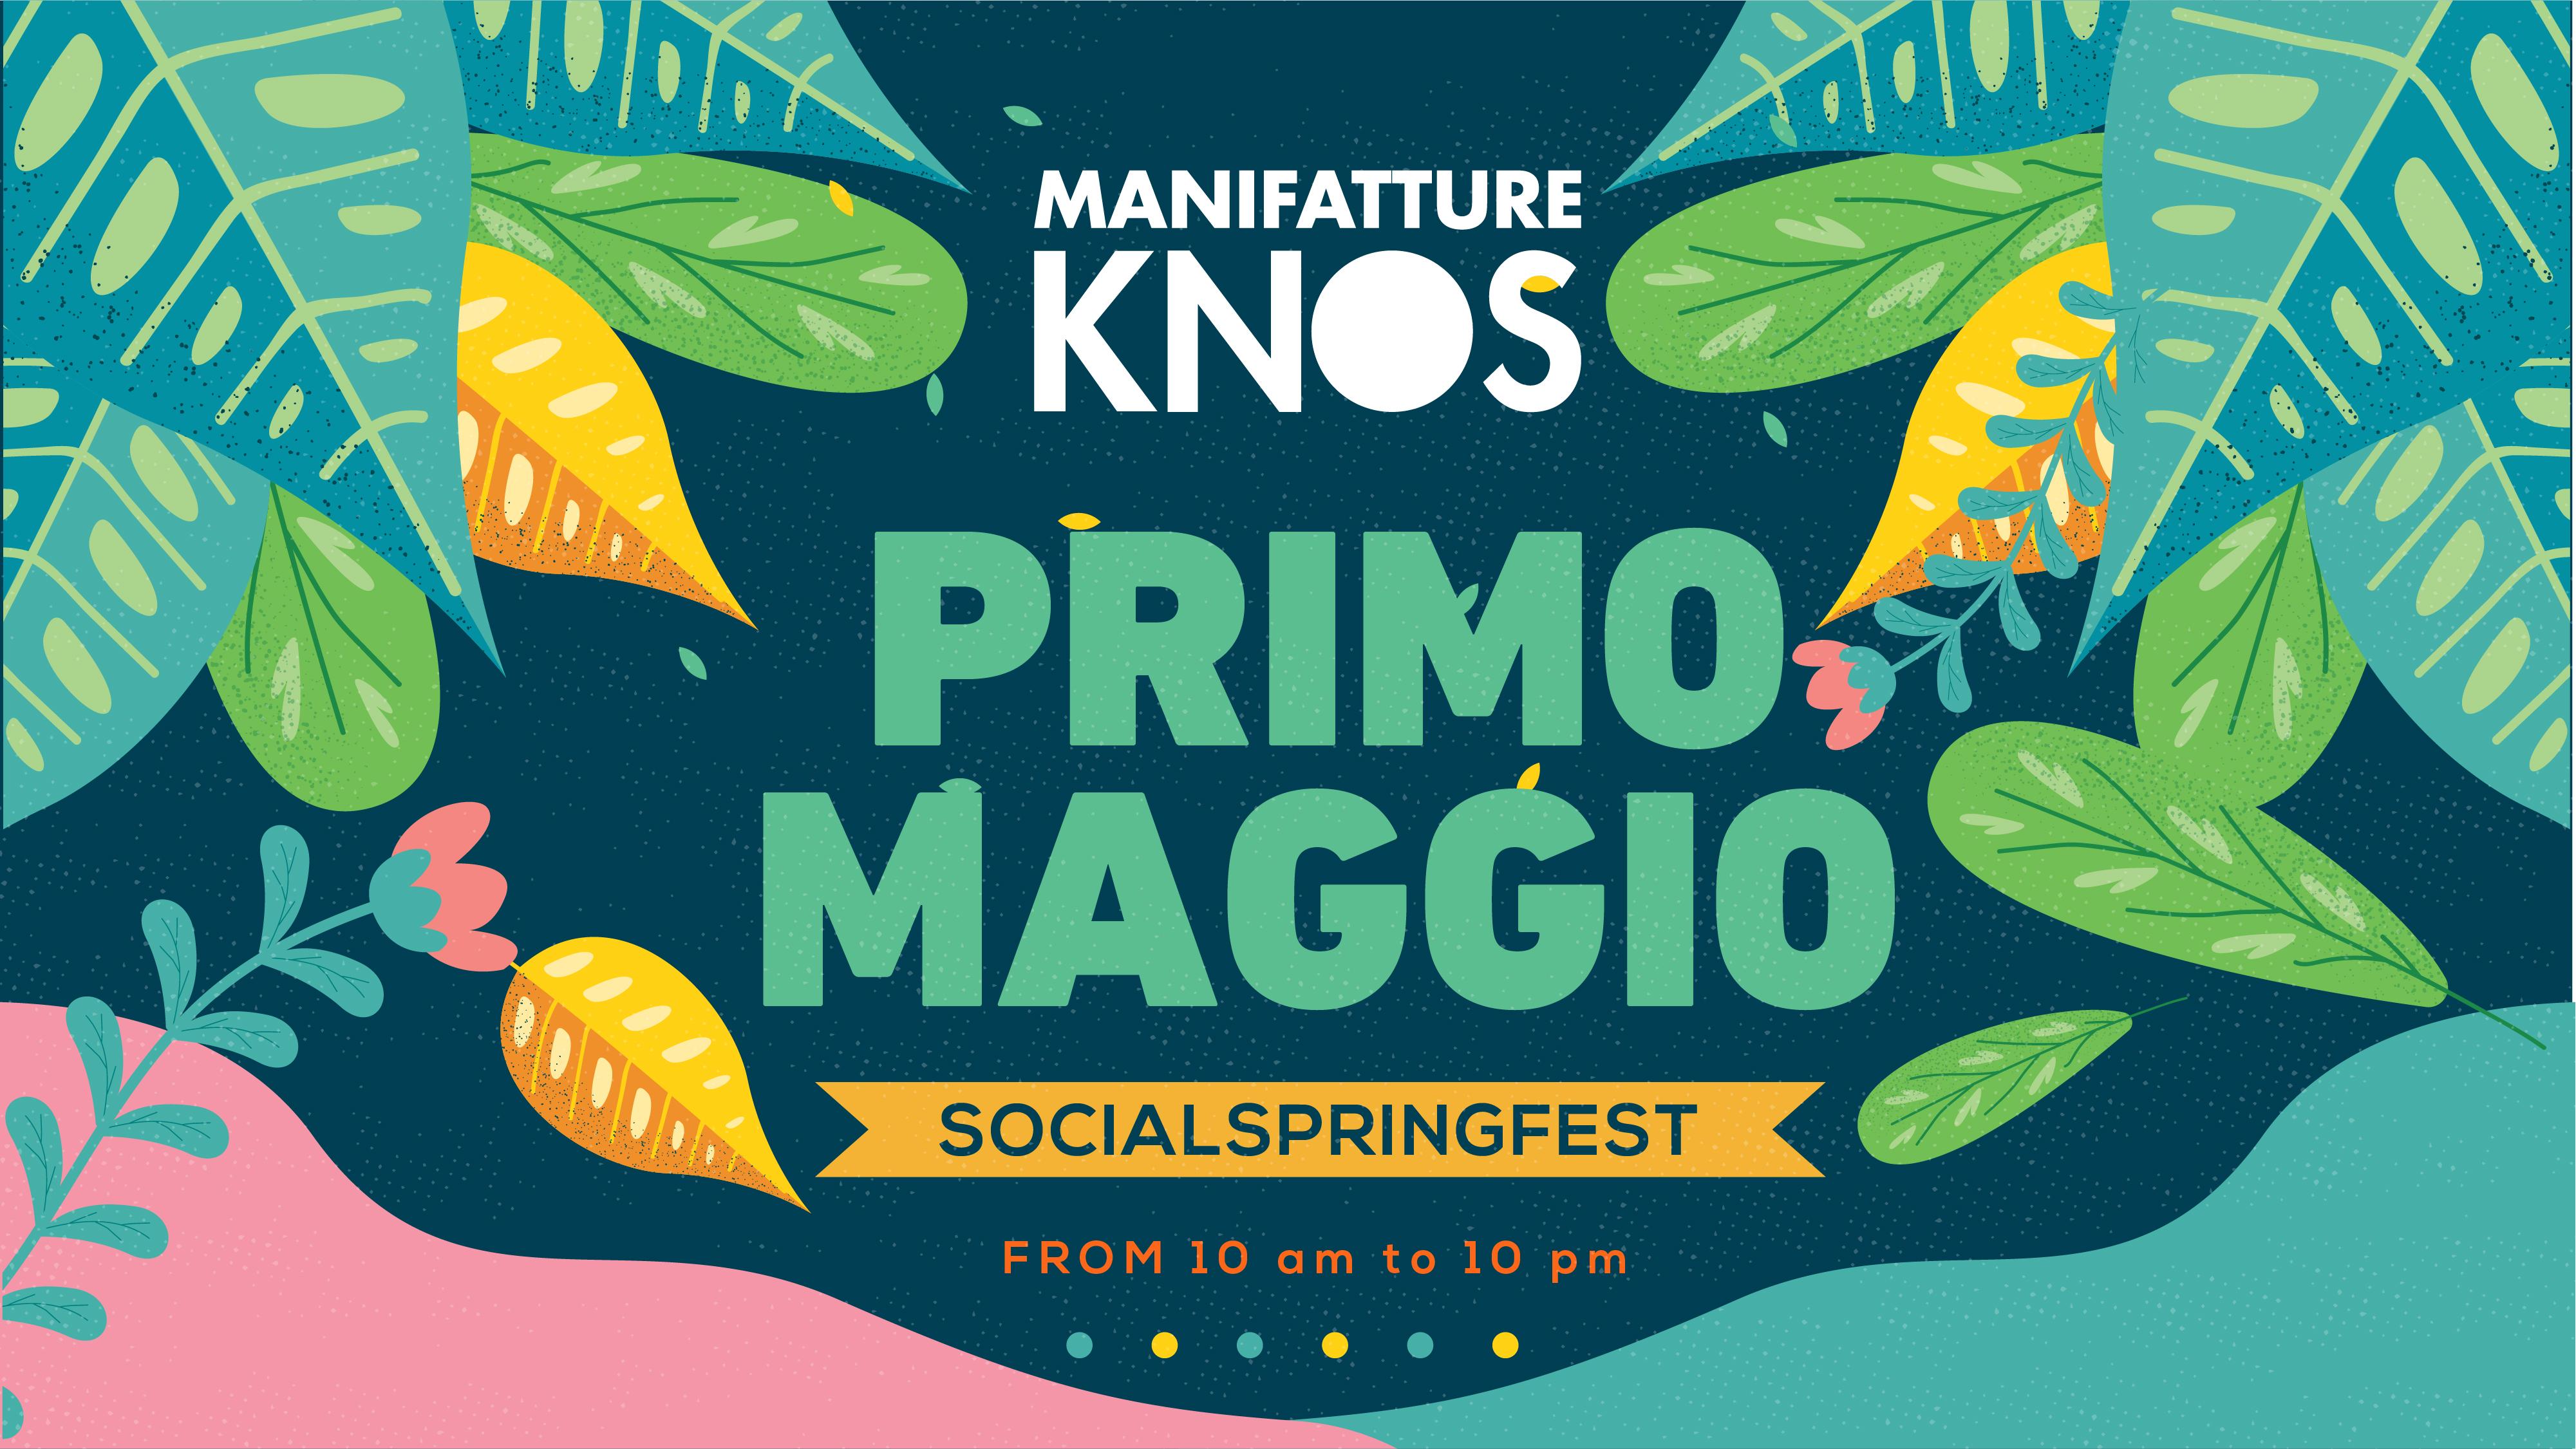 SocialSpringFest - Il Primo Maggio delle Manifatture Knos